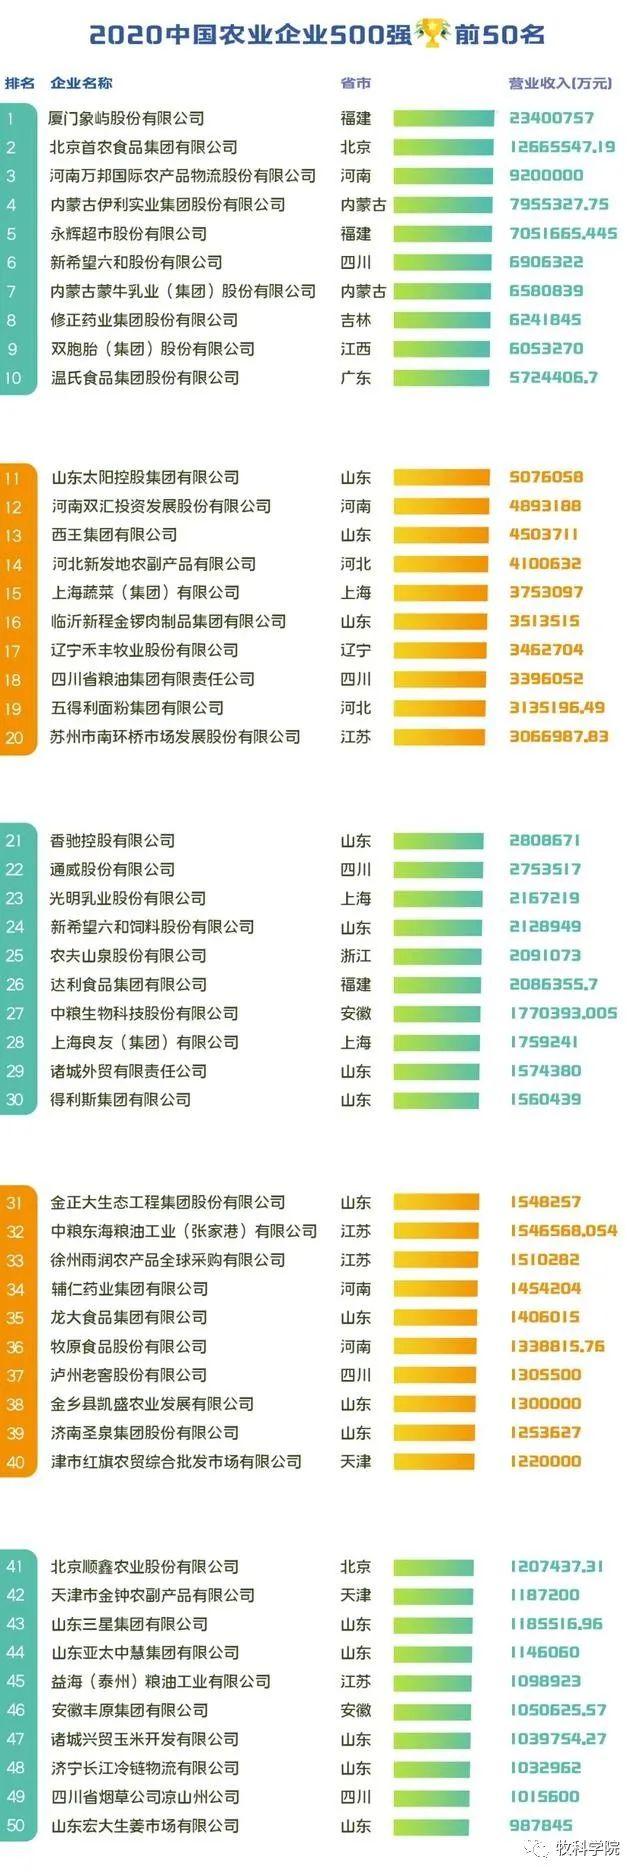 权威发布|2020中国农业企业500强排行榜名单